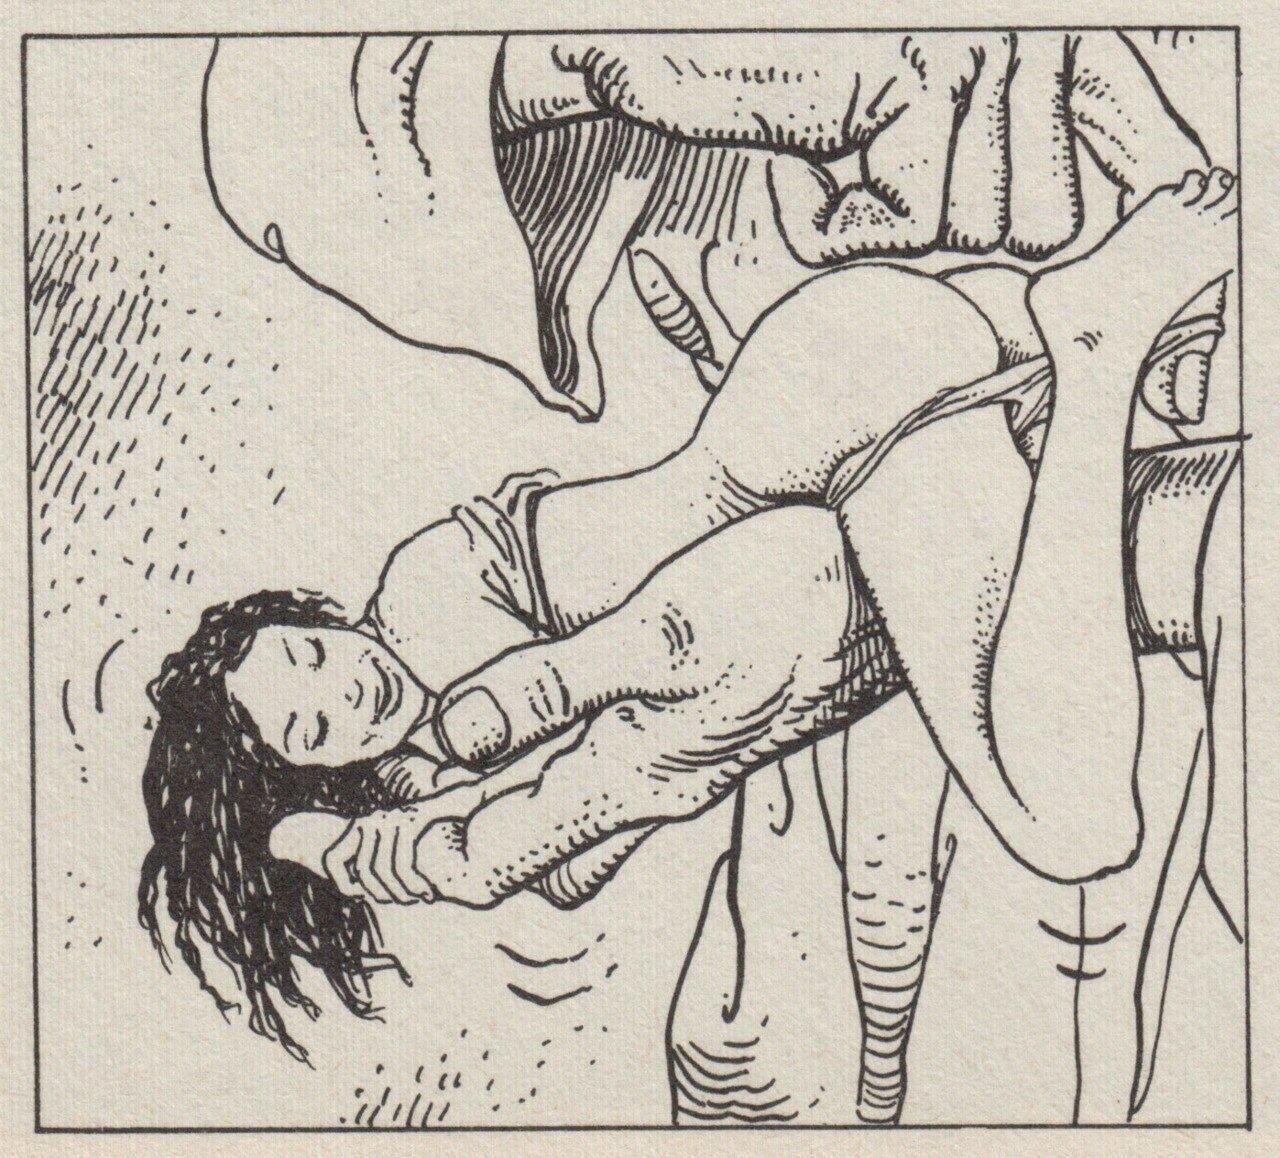 порно фильм приключения гулливера так